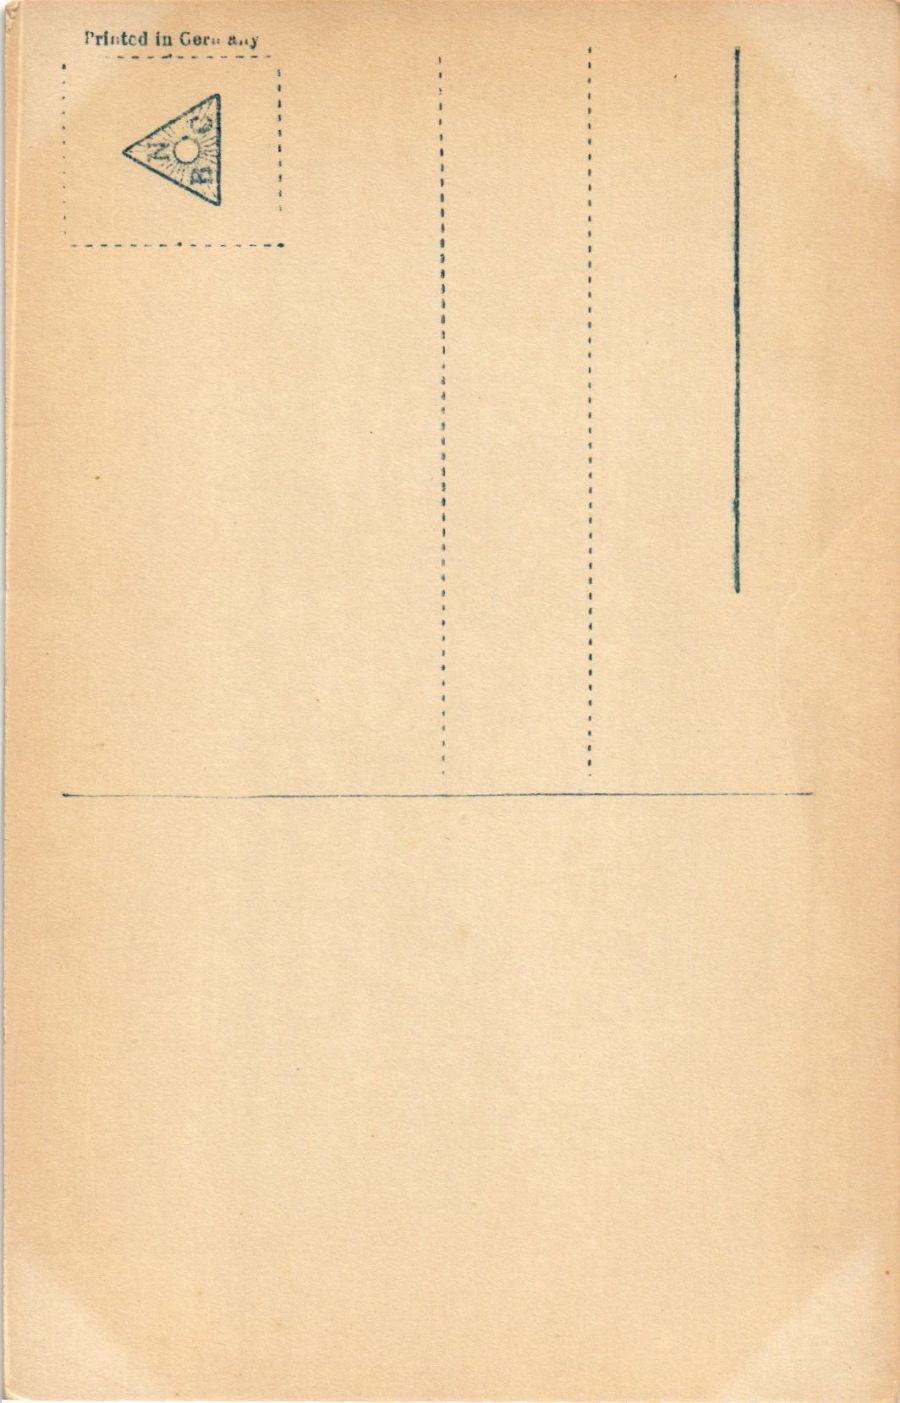 CPA-AK-Ernst-August-Viktoria-Luise-zu-Braunschweig-GERMAN-ROYALTY-867278 Indexbild 2